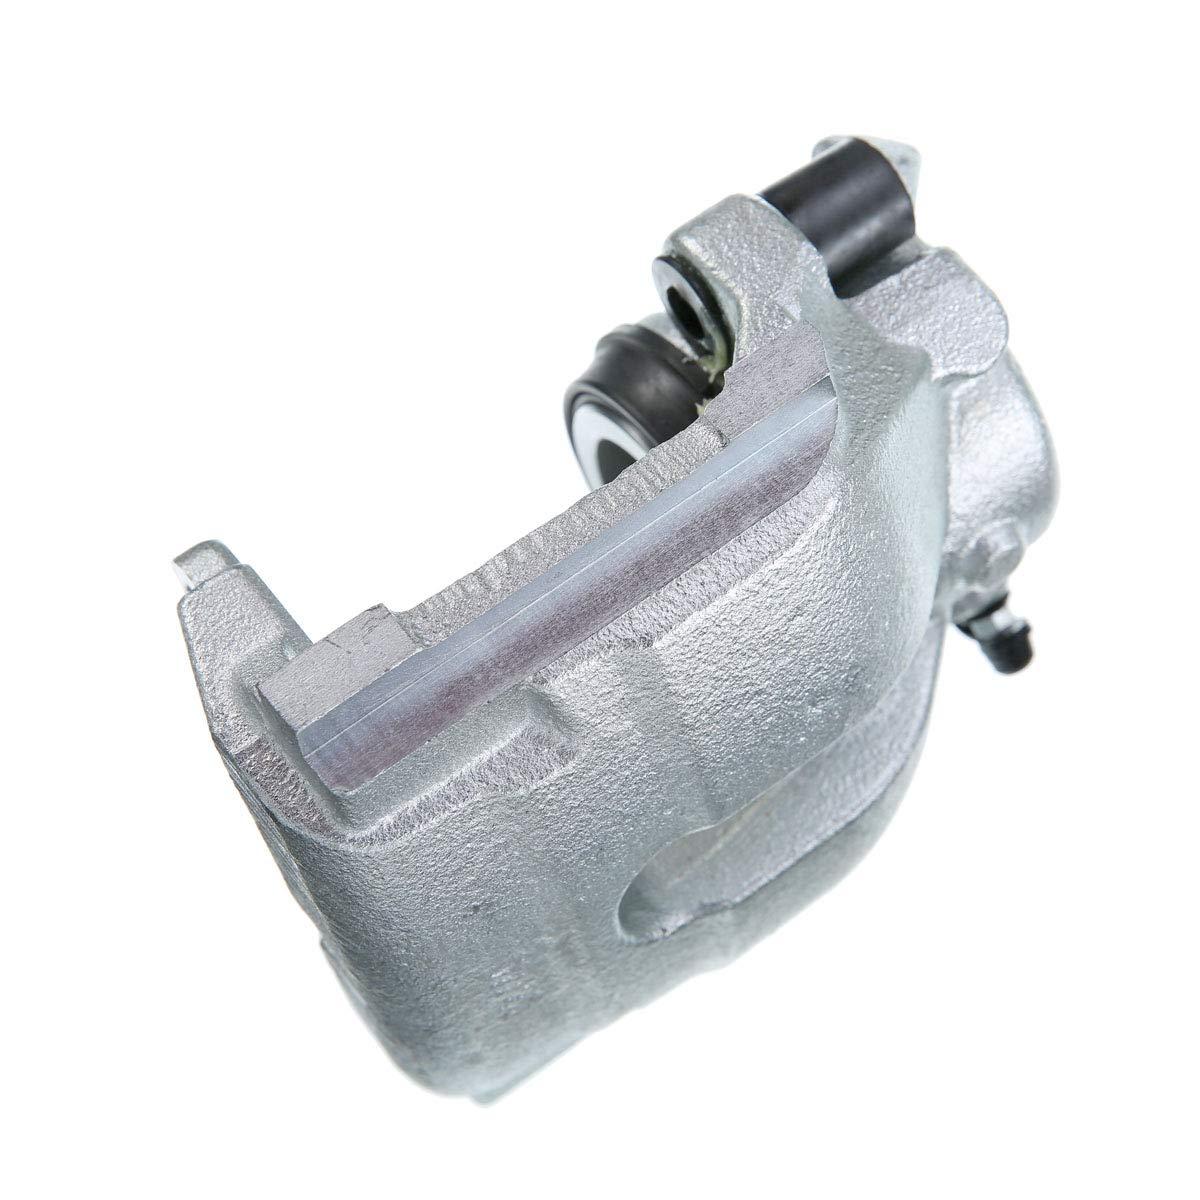 34116750150 Brake Caliper Front Axle Right for 3 Series E46 E83 X3 E85 E86 Z4 75 RJ ZT 1999-2011